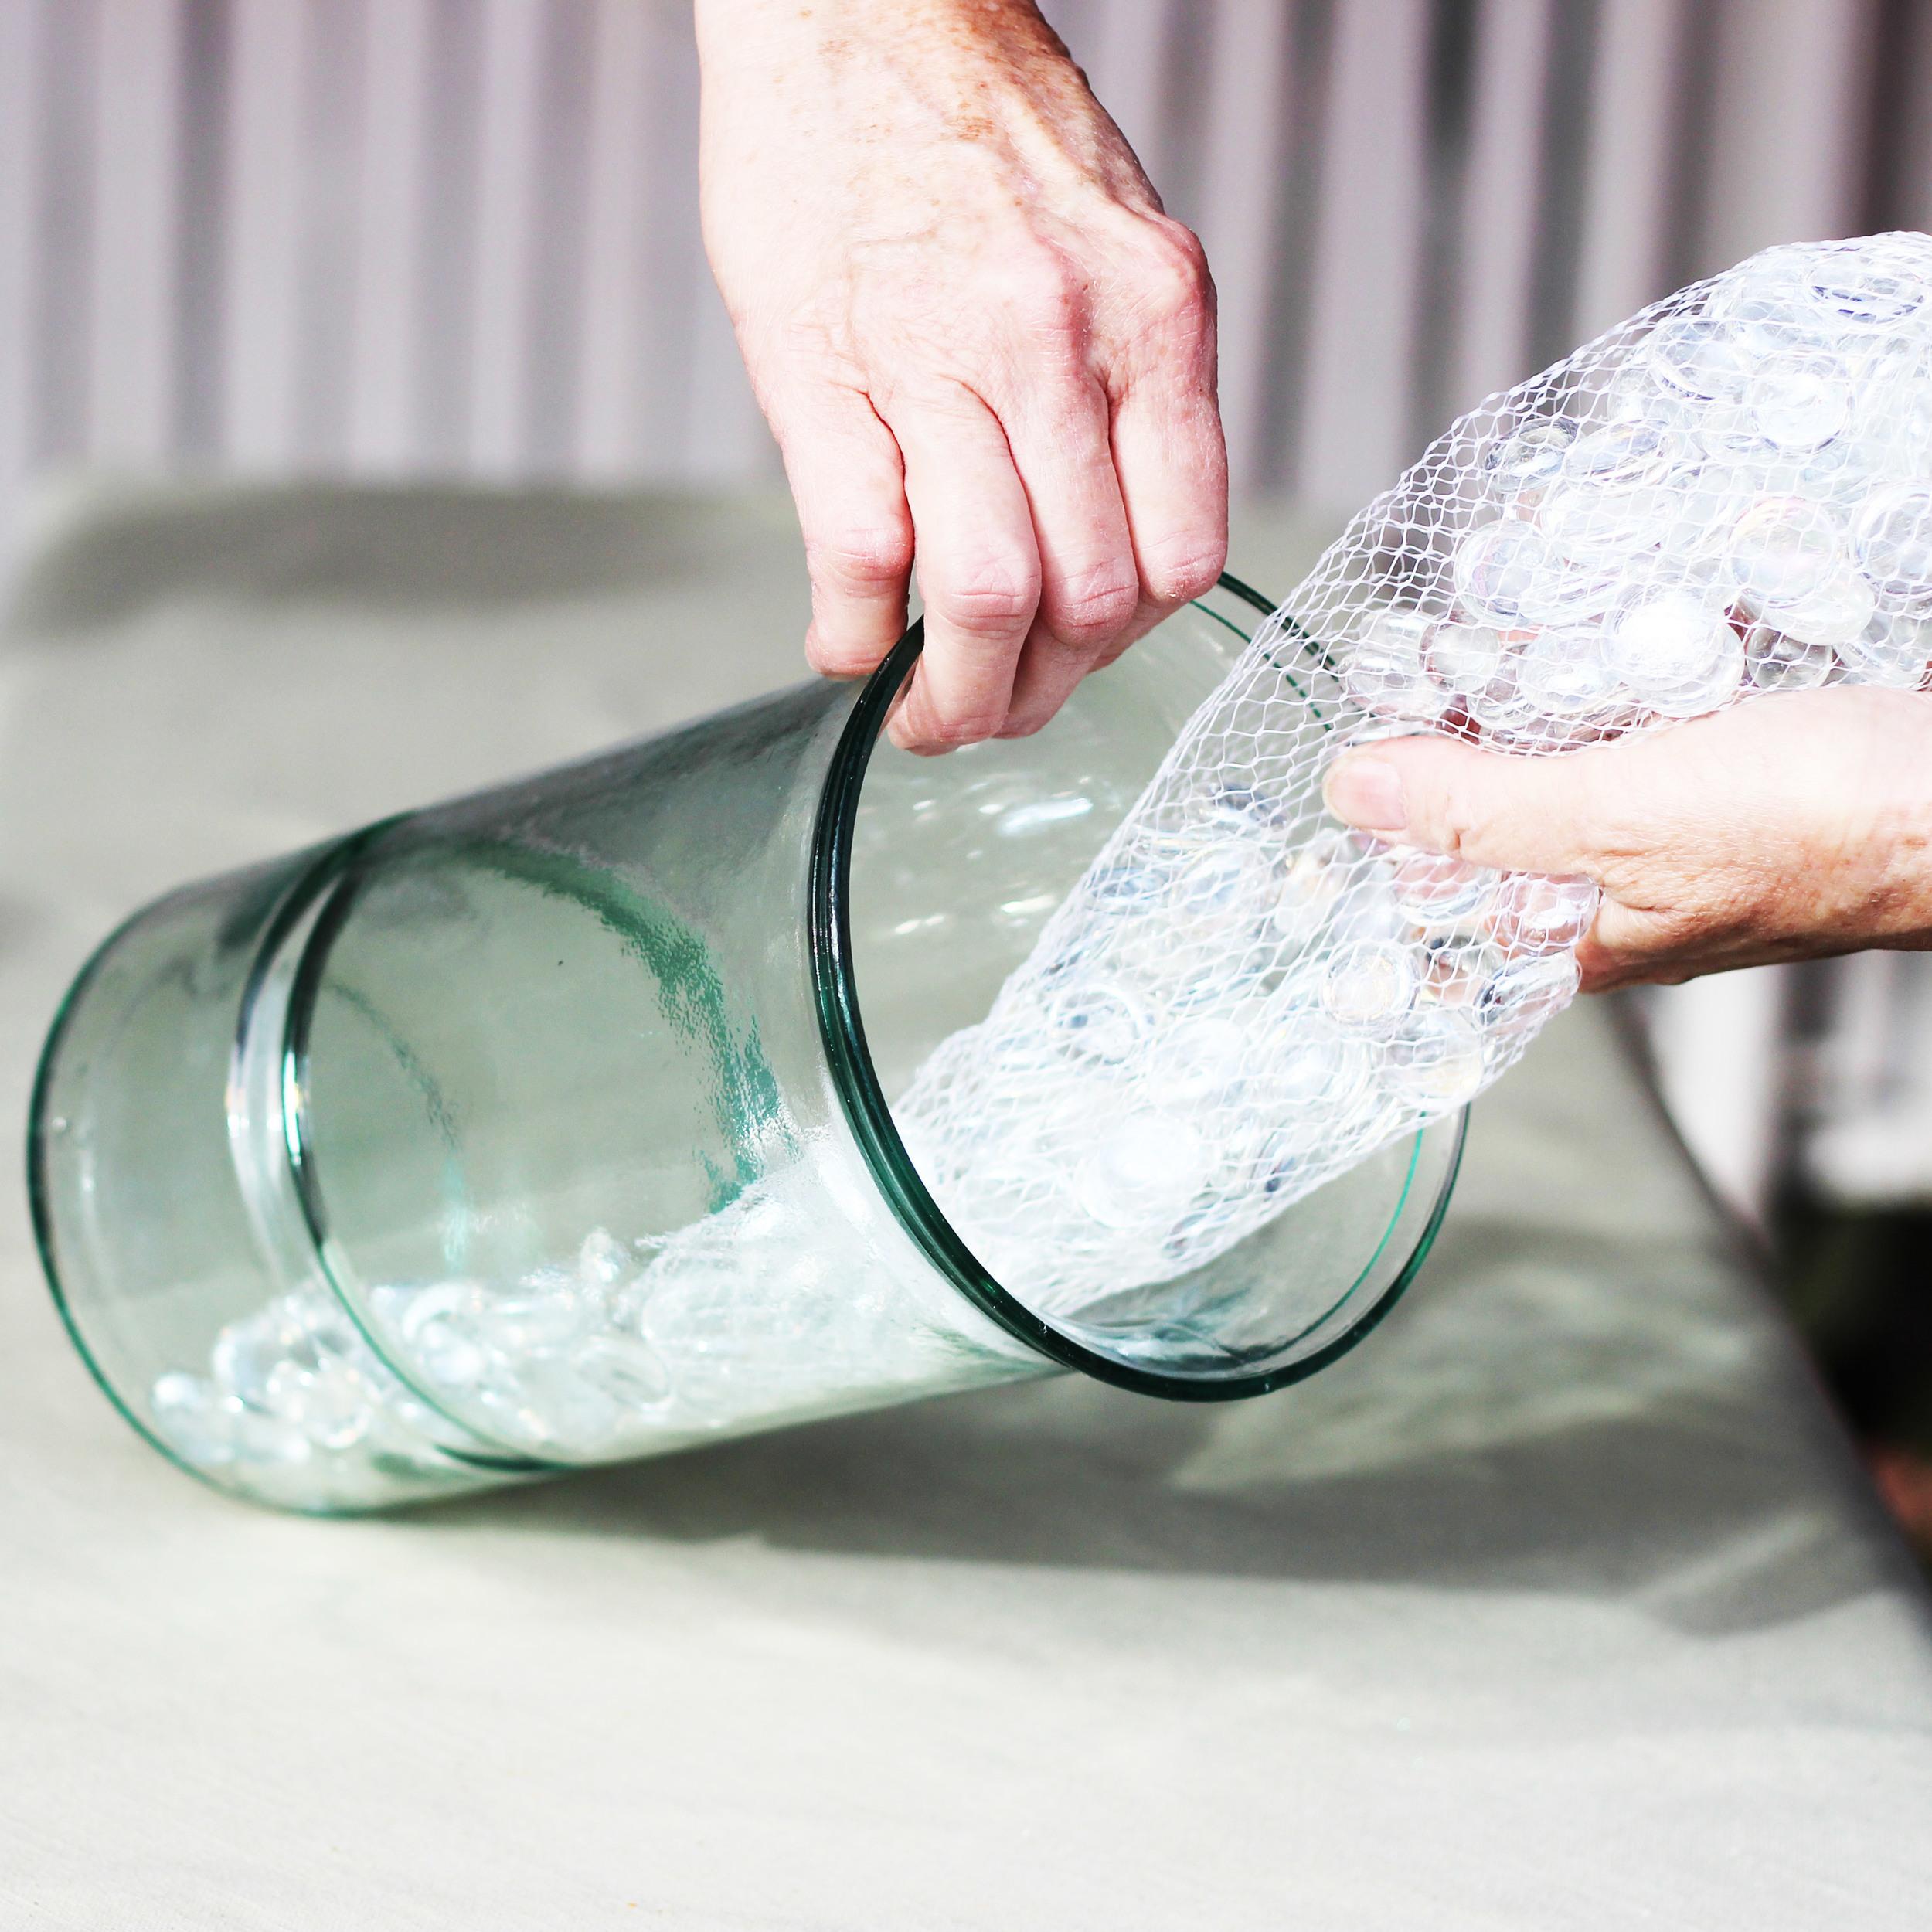 Tilt vase on side and gently slide marbles in.